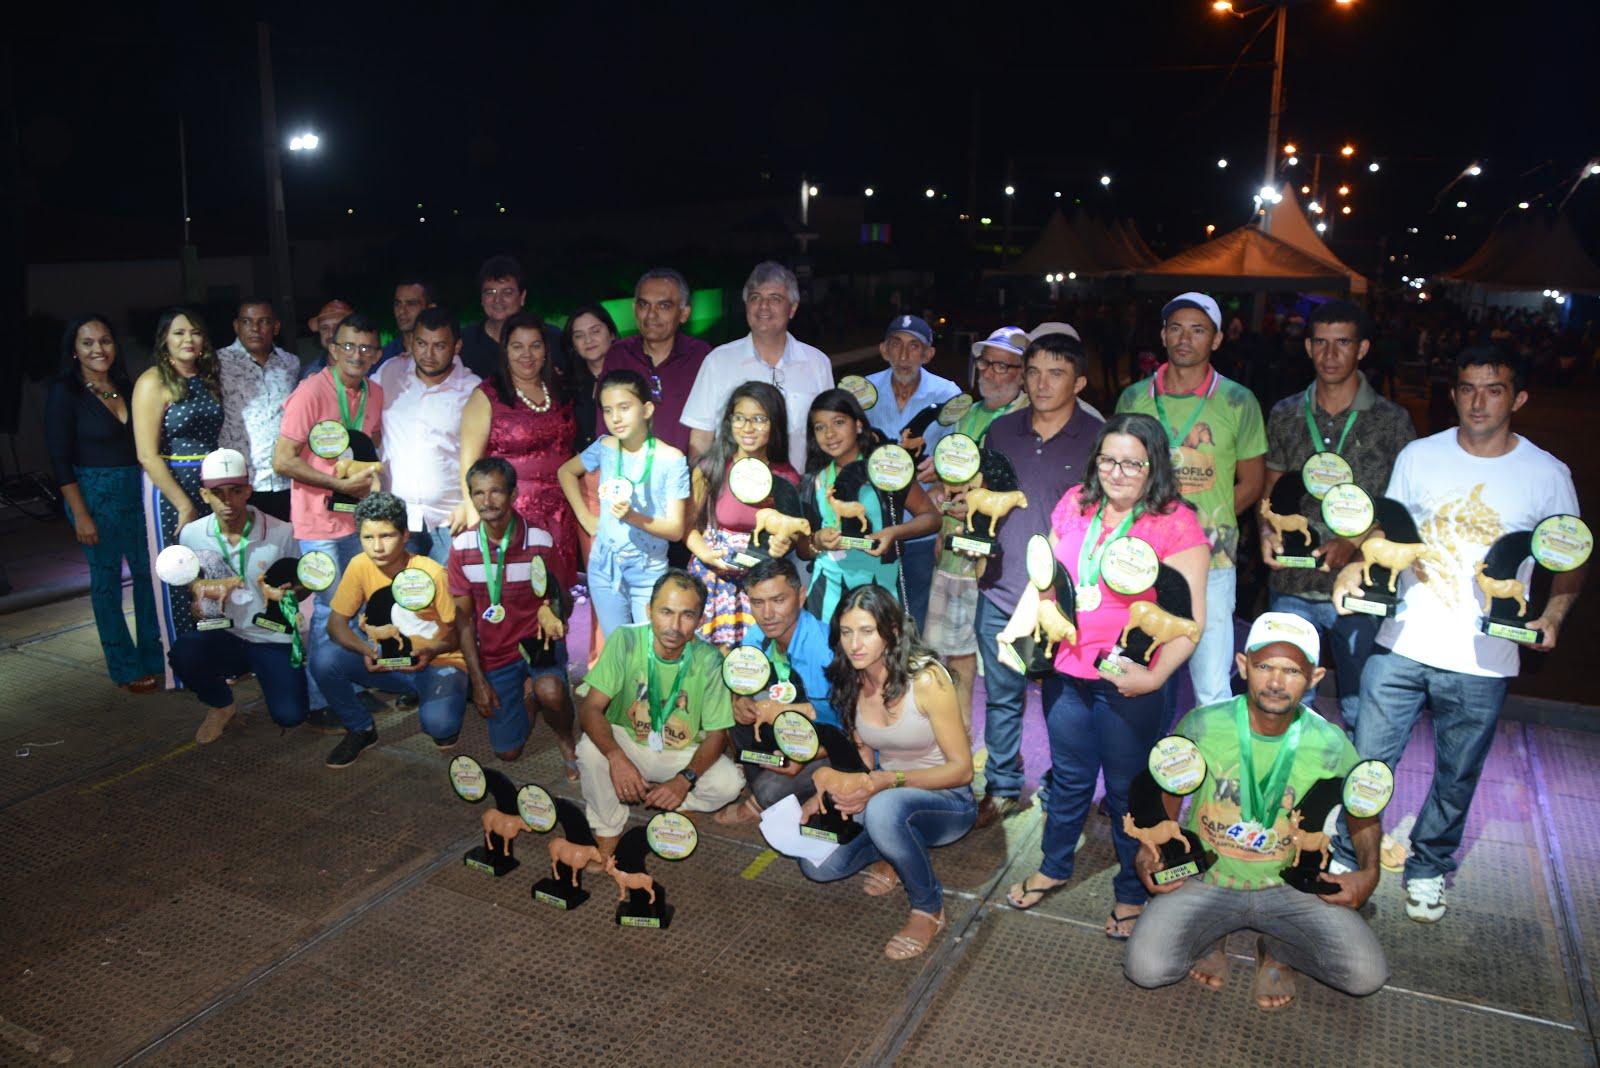 FOTOS  DA CAPRINOFILÓ 2019 em Santa Filomena PE